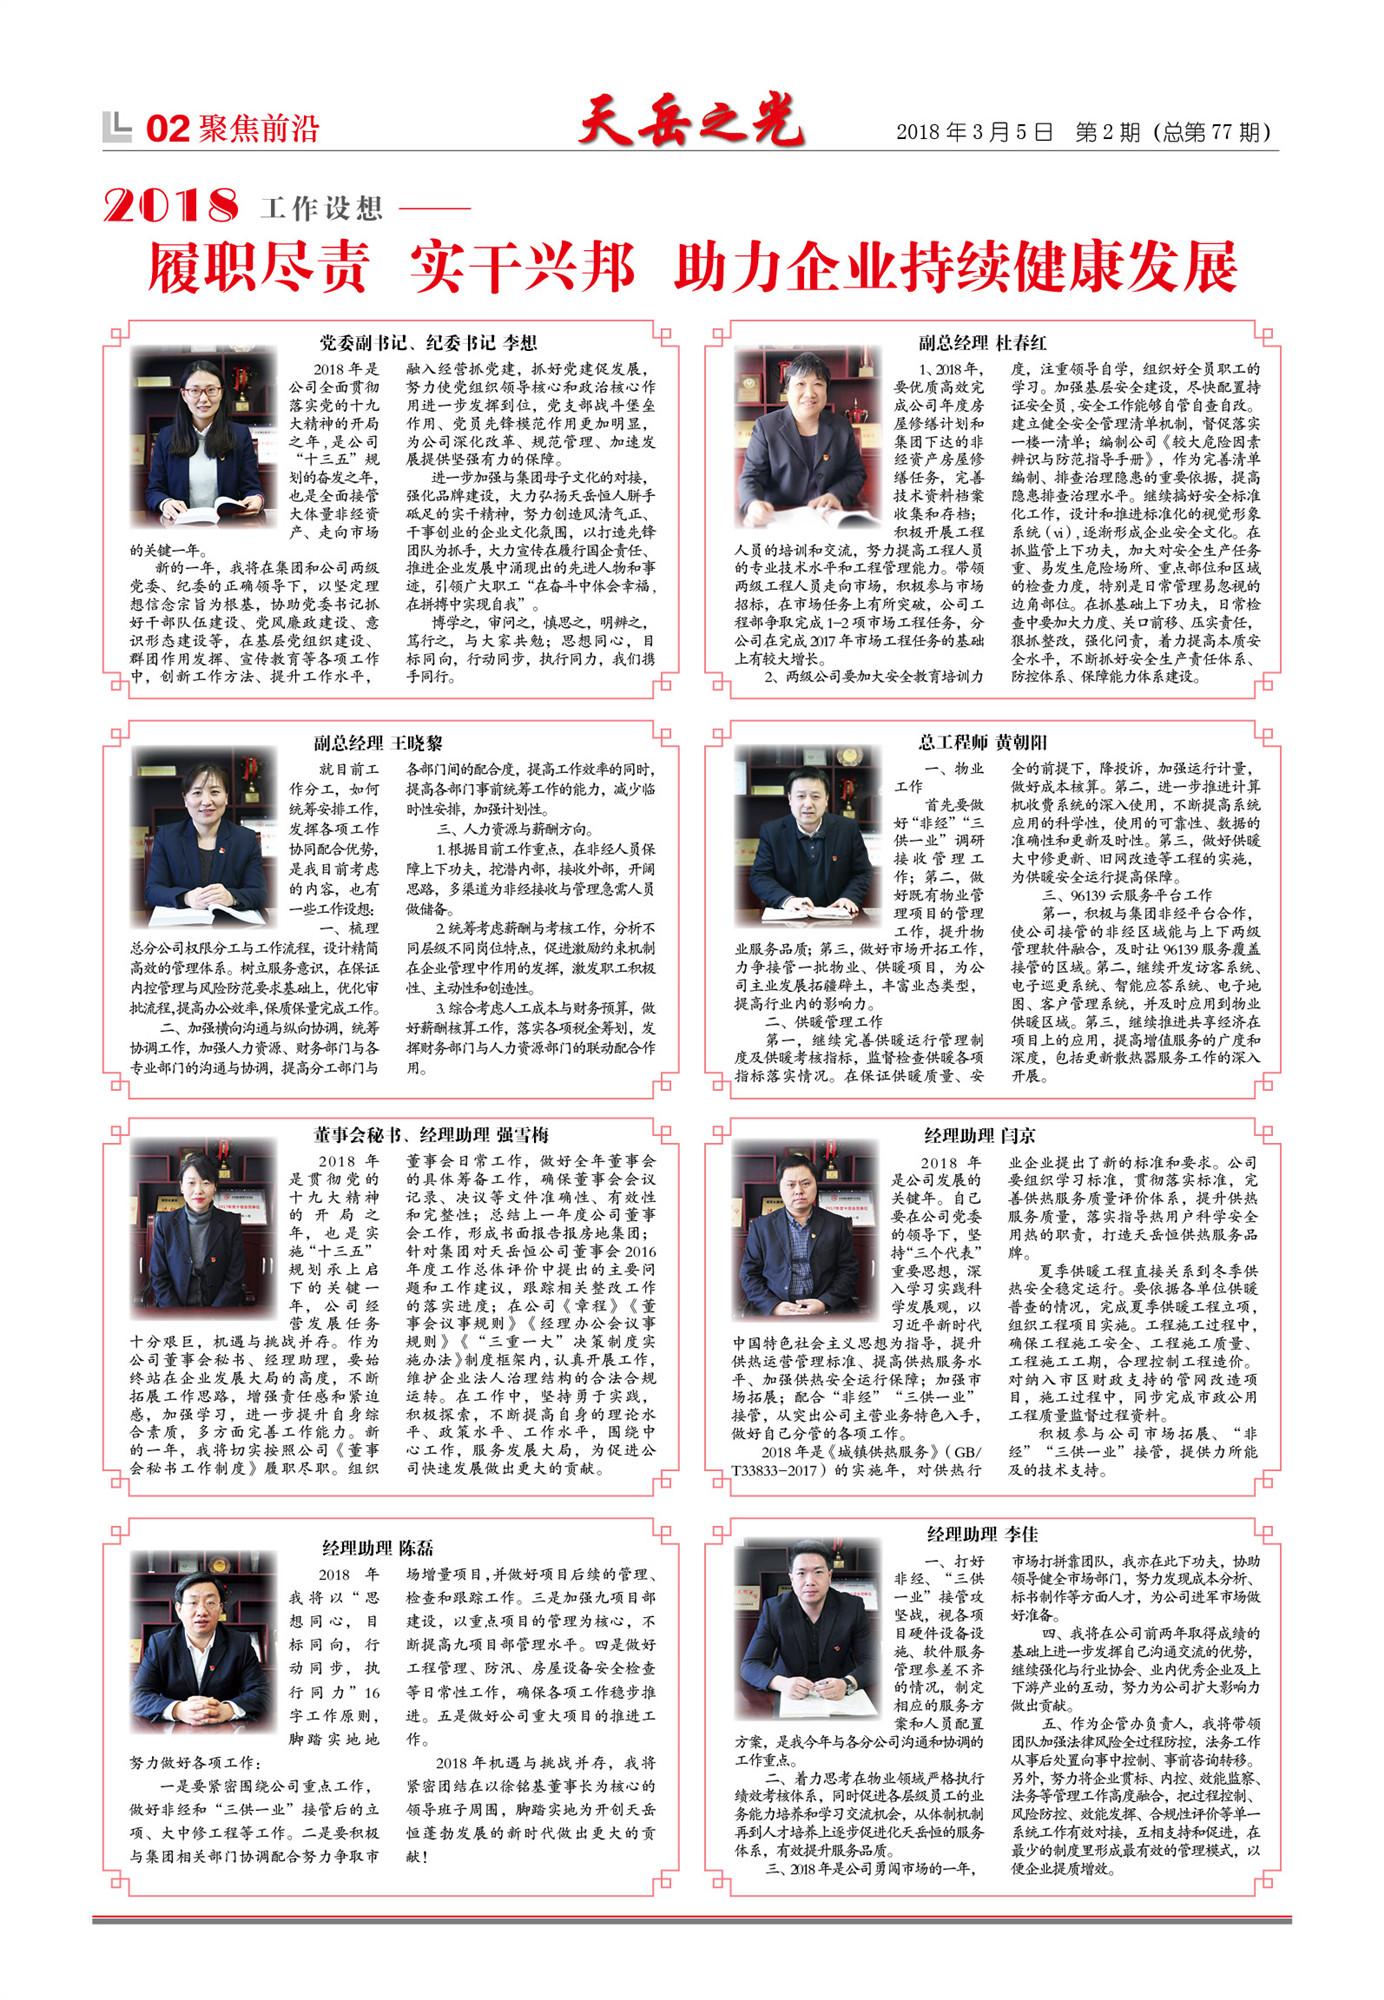 2-大赢家棋牌官网2月2